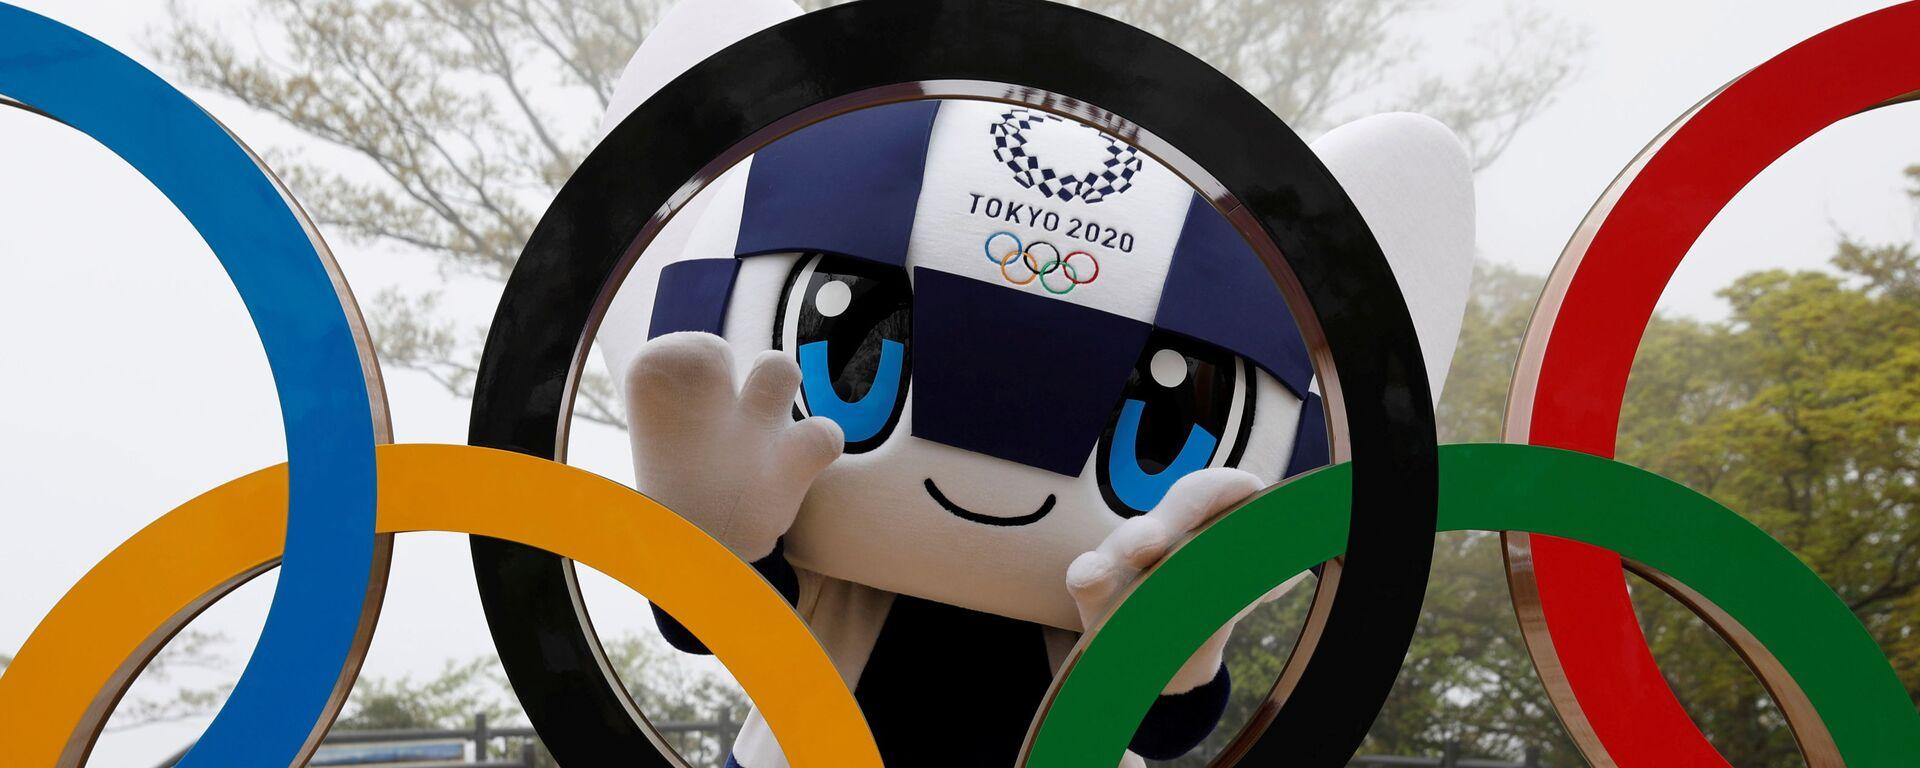 Талисман Летней Олимпиады в Токио Miraitowa позирует сзади Олимпийских колец после мероприятия по случаю 100 дней до Олийписких игр в Токио  - Sputnik Узбекистан, 1920, 28.04.2021